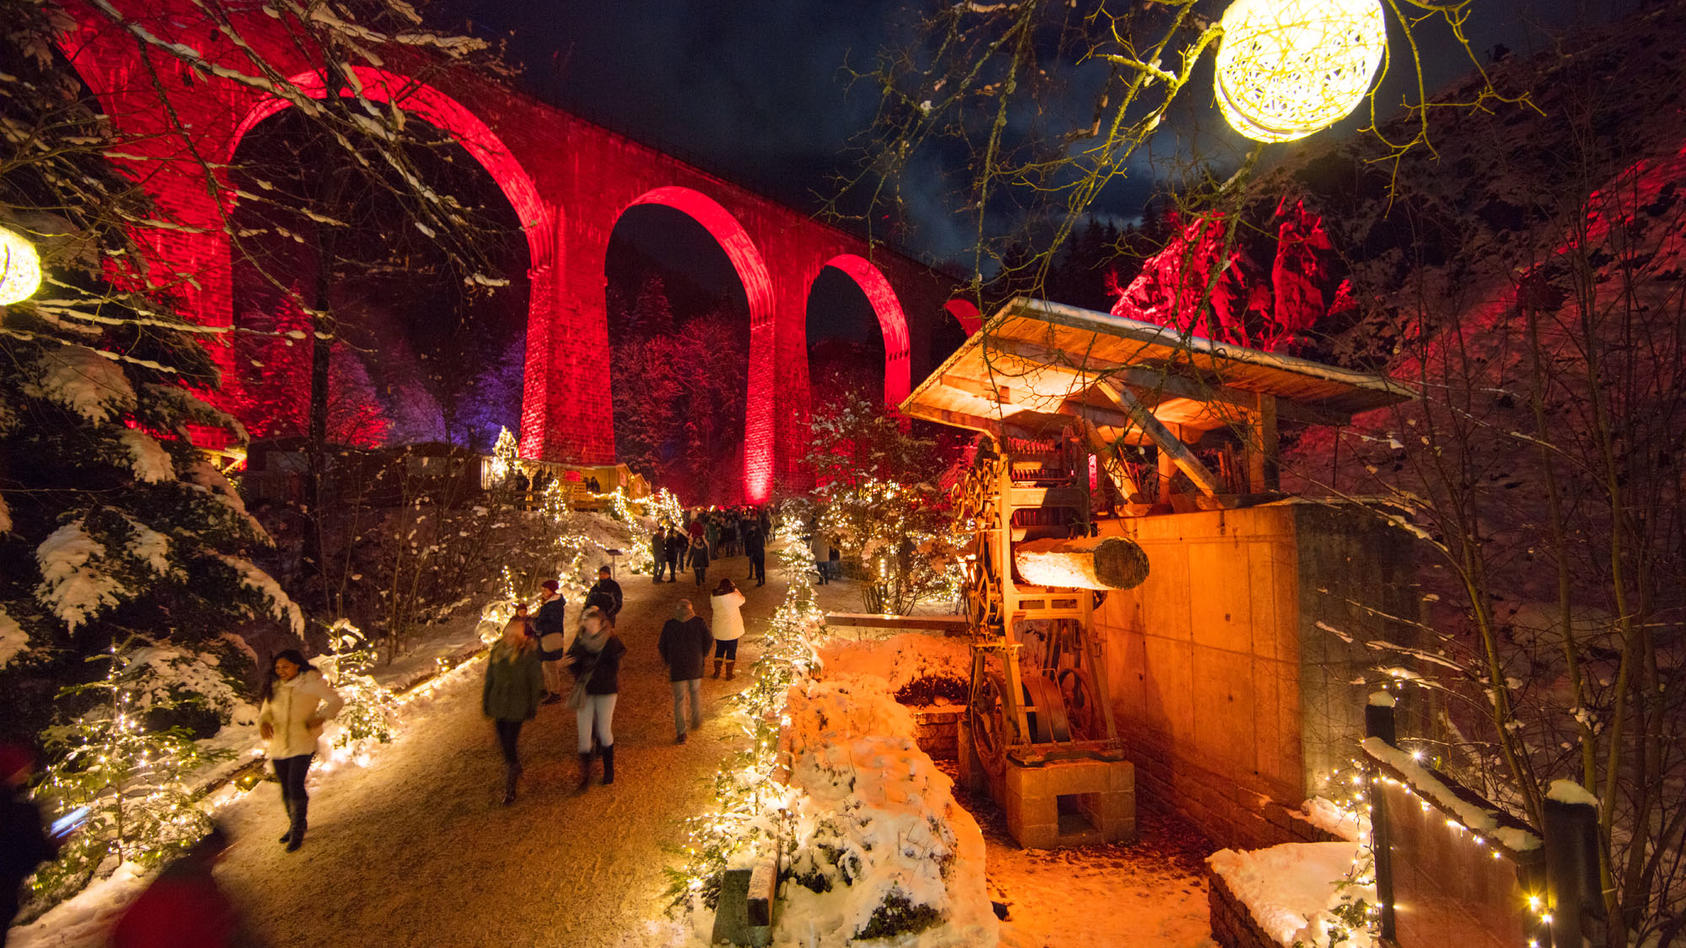 Der romantische Weihnachtsmarkt in der Ravenna Schlucht